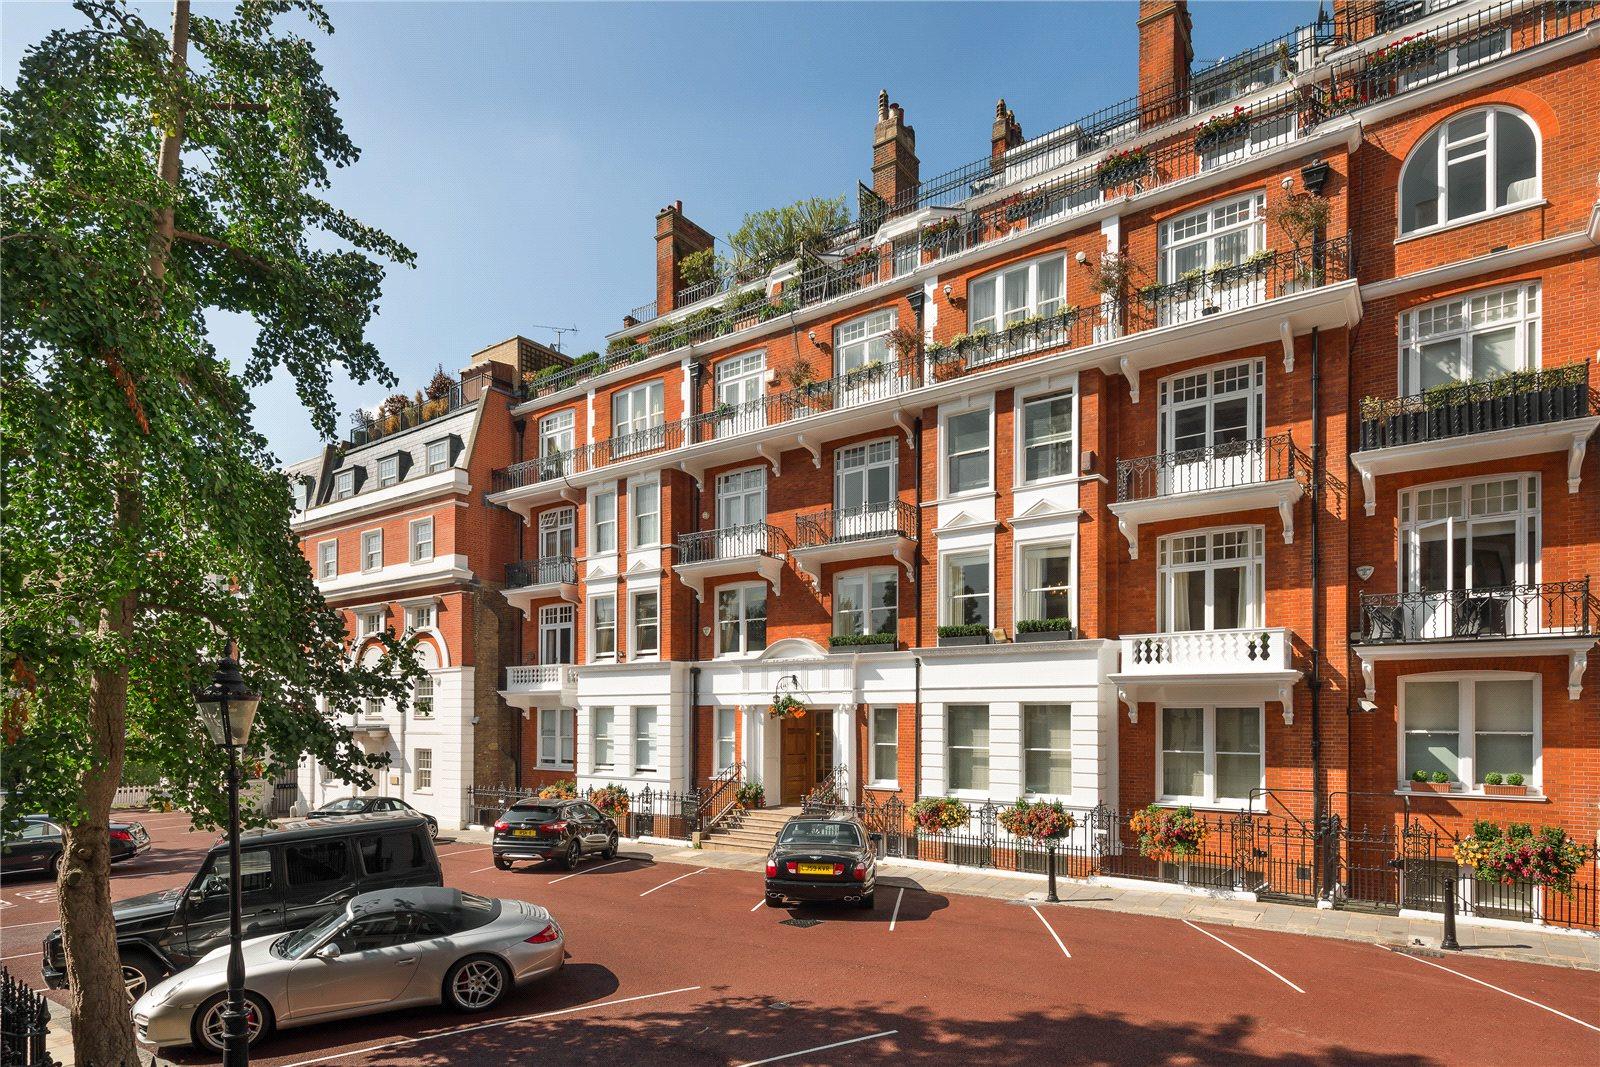 公寓 为 销售 在 Rutland Court, London, SW7 London, 英格兰